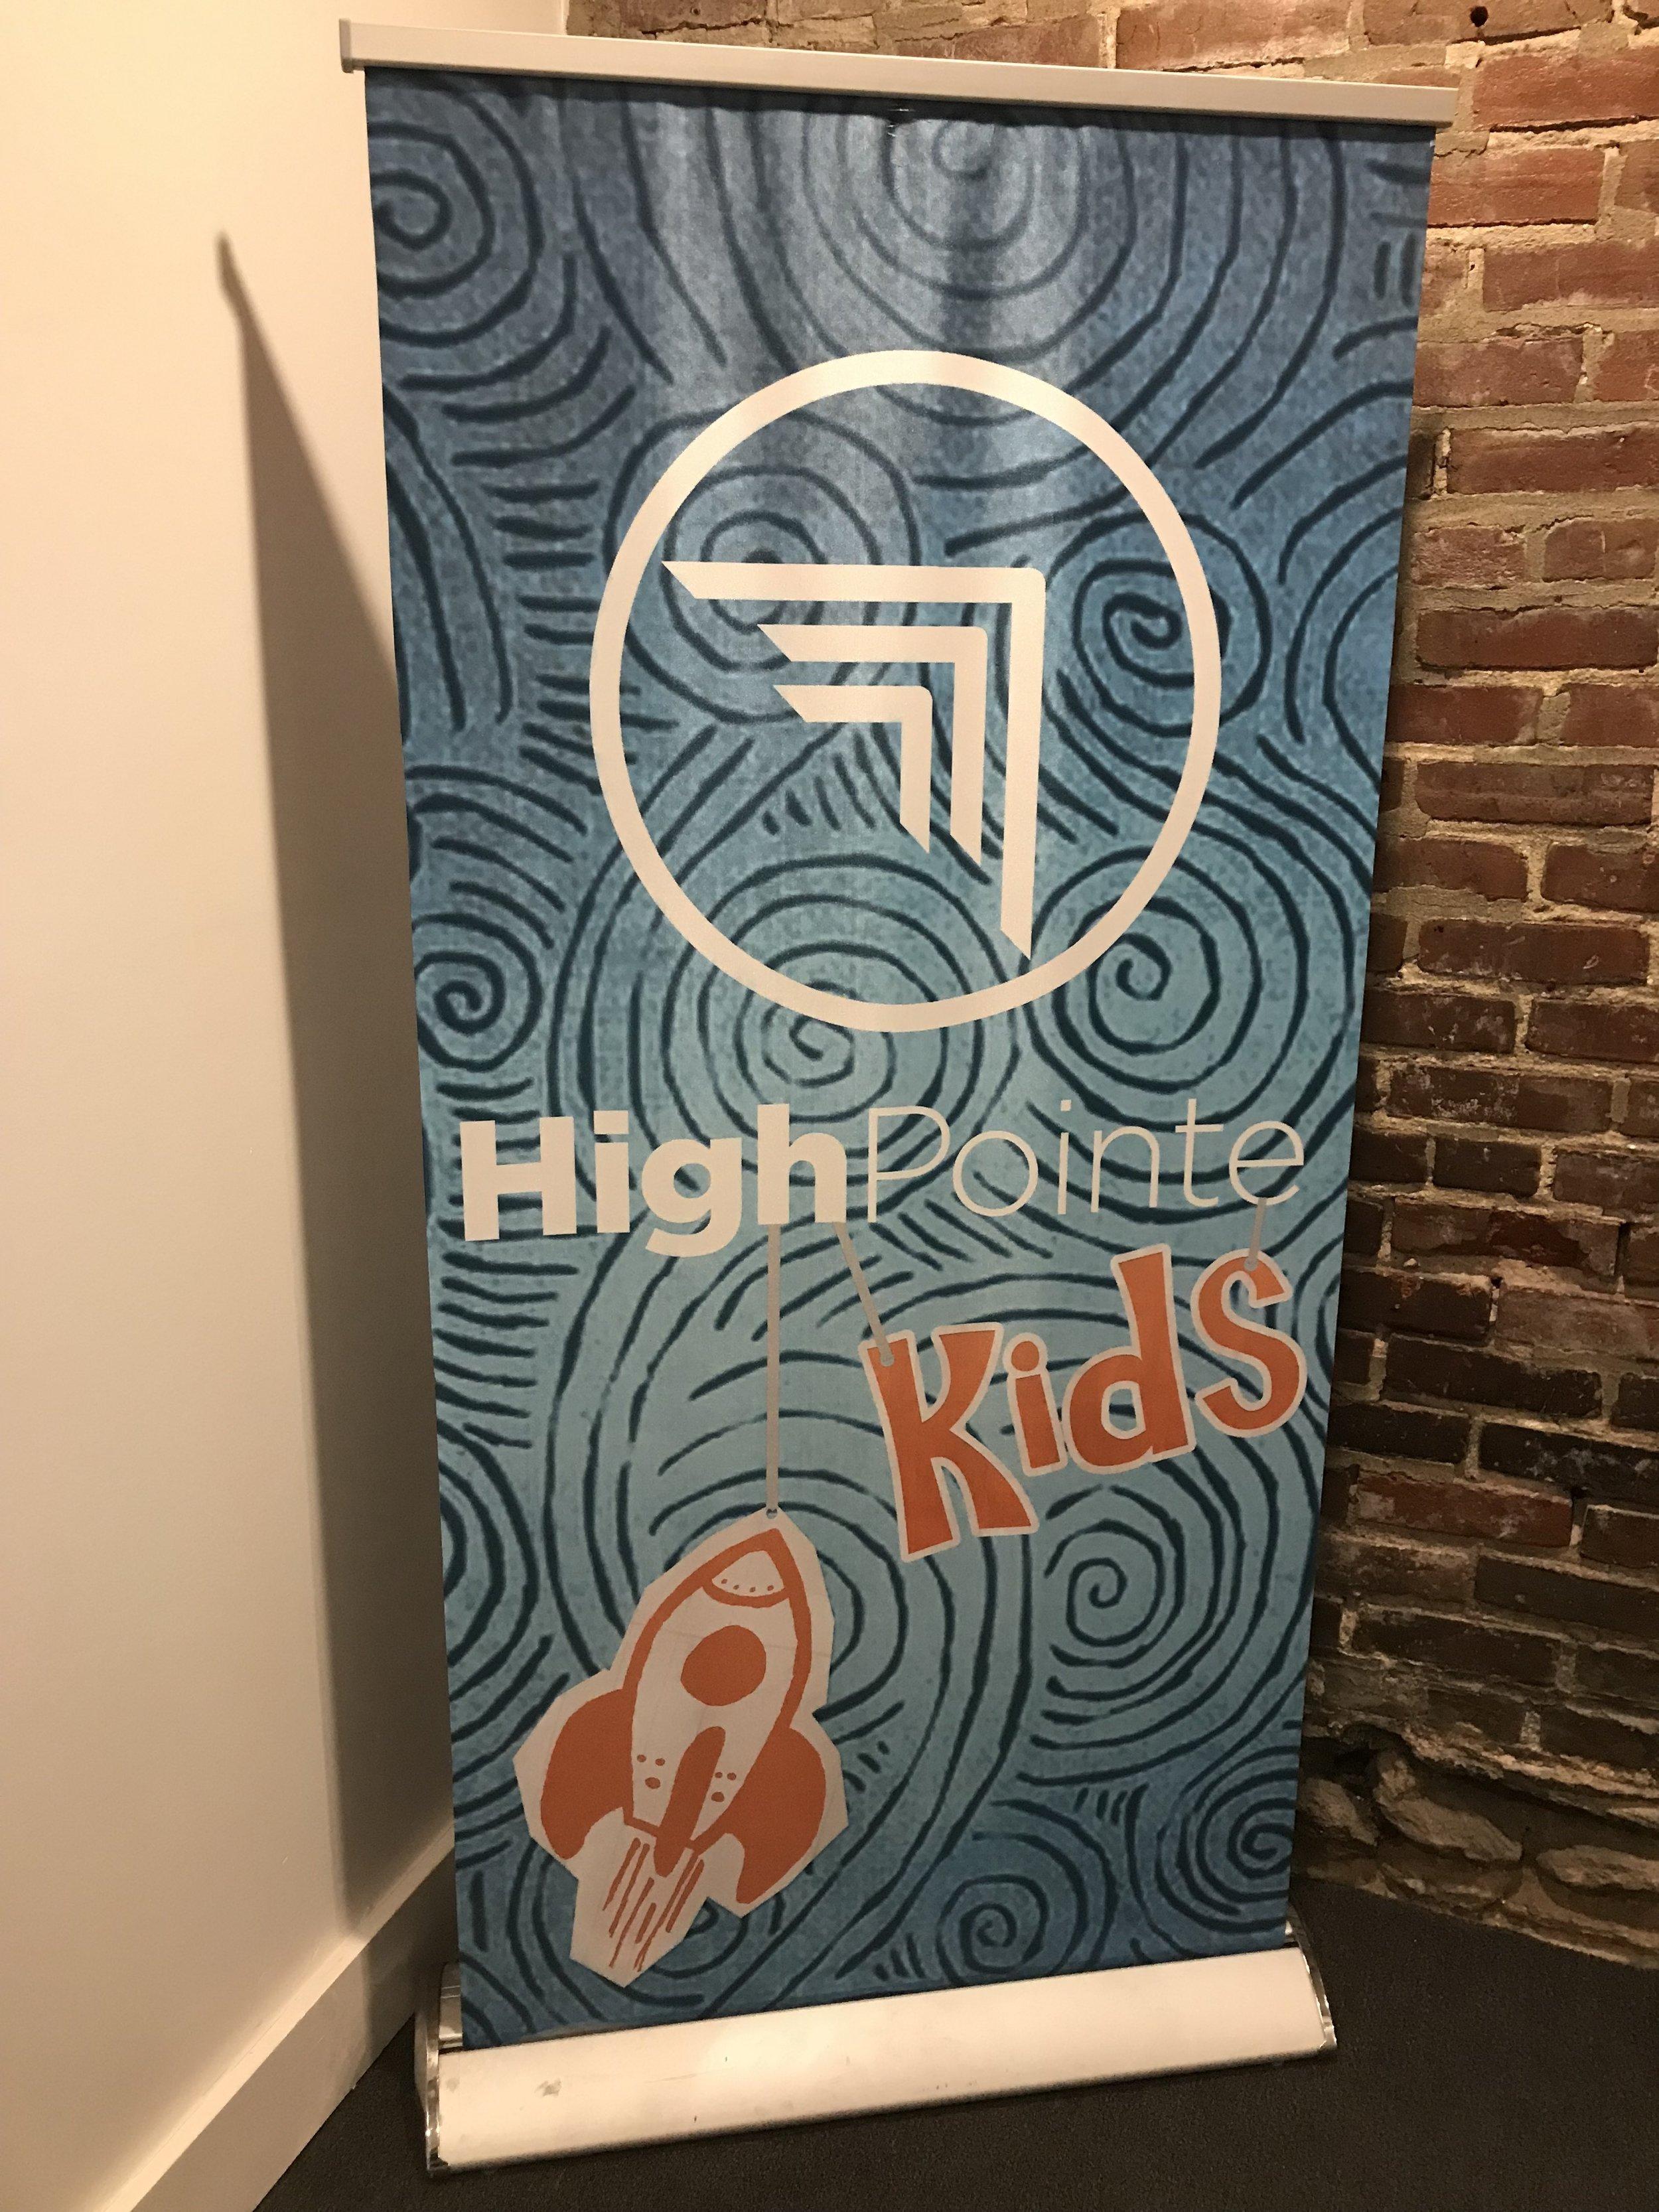 HPC Kids Banner.JPG